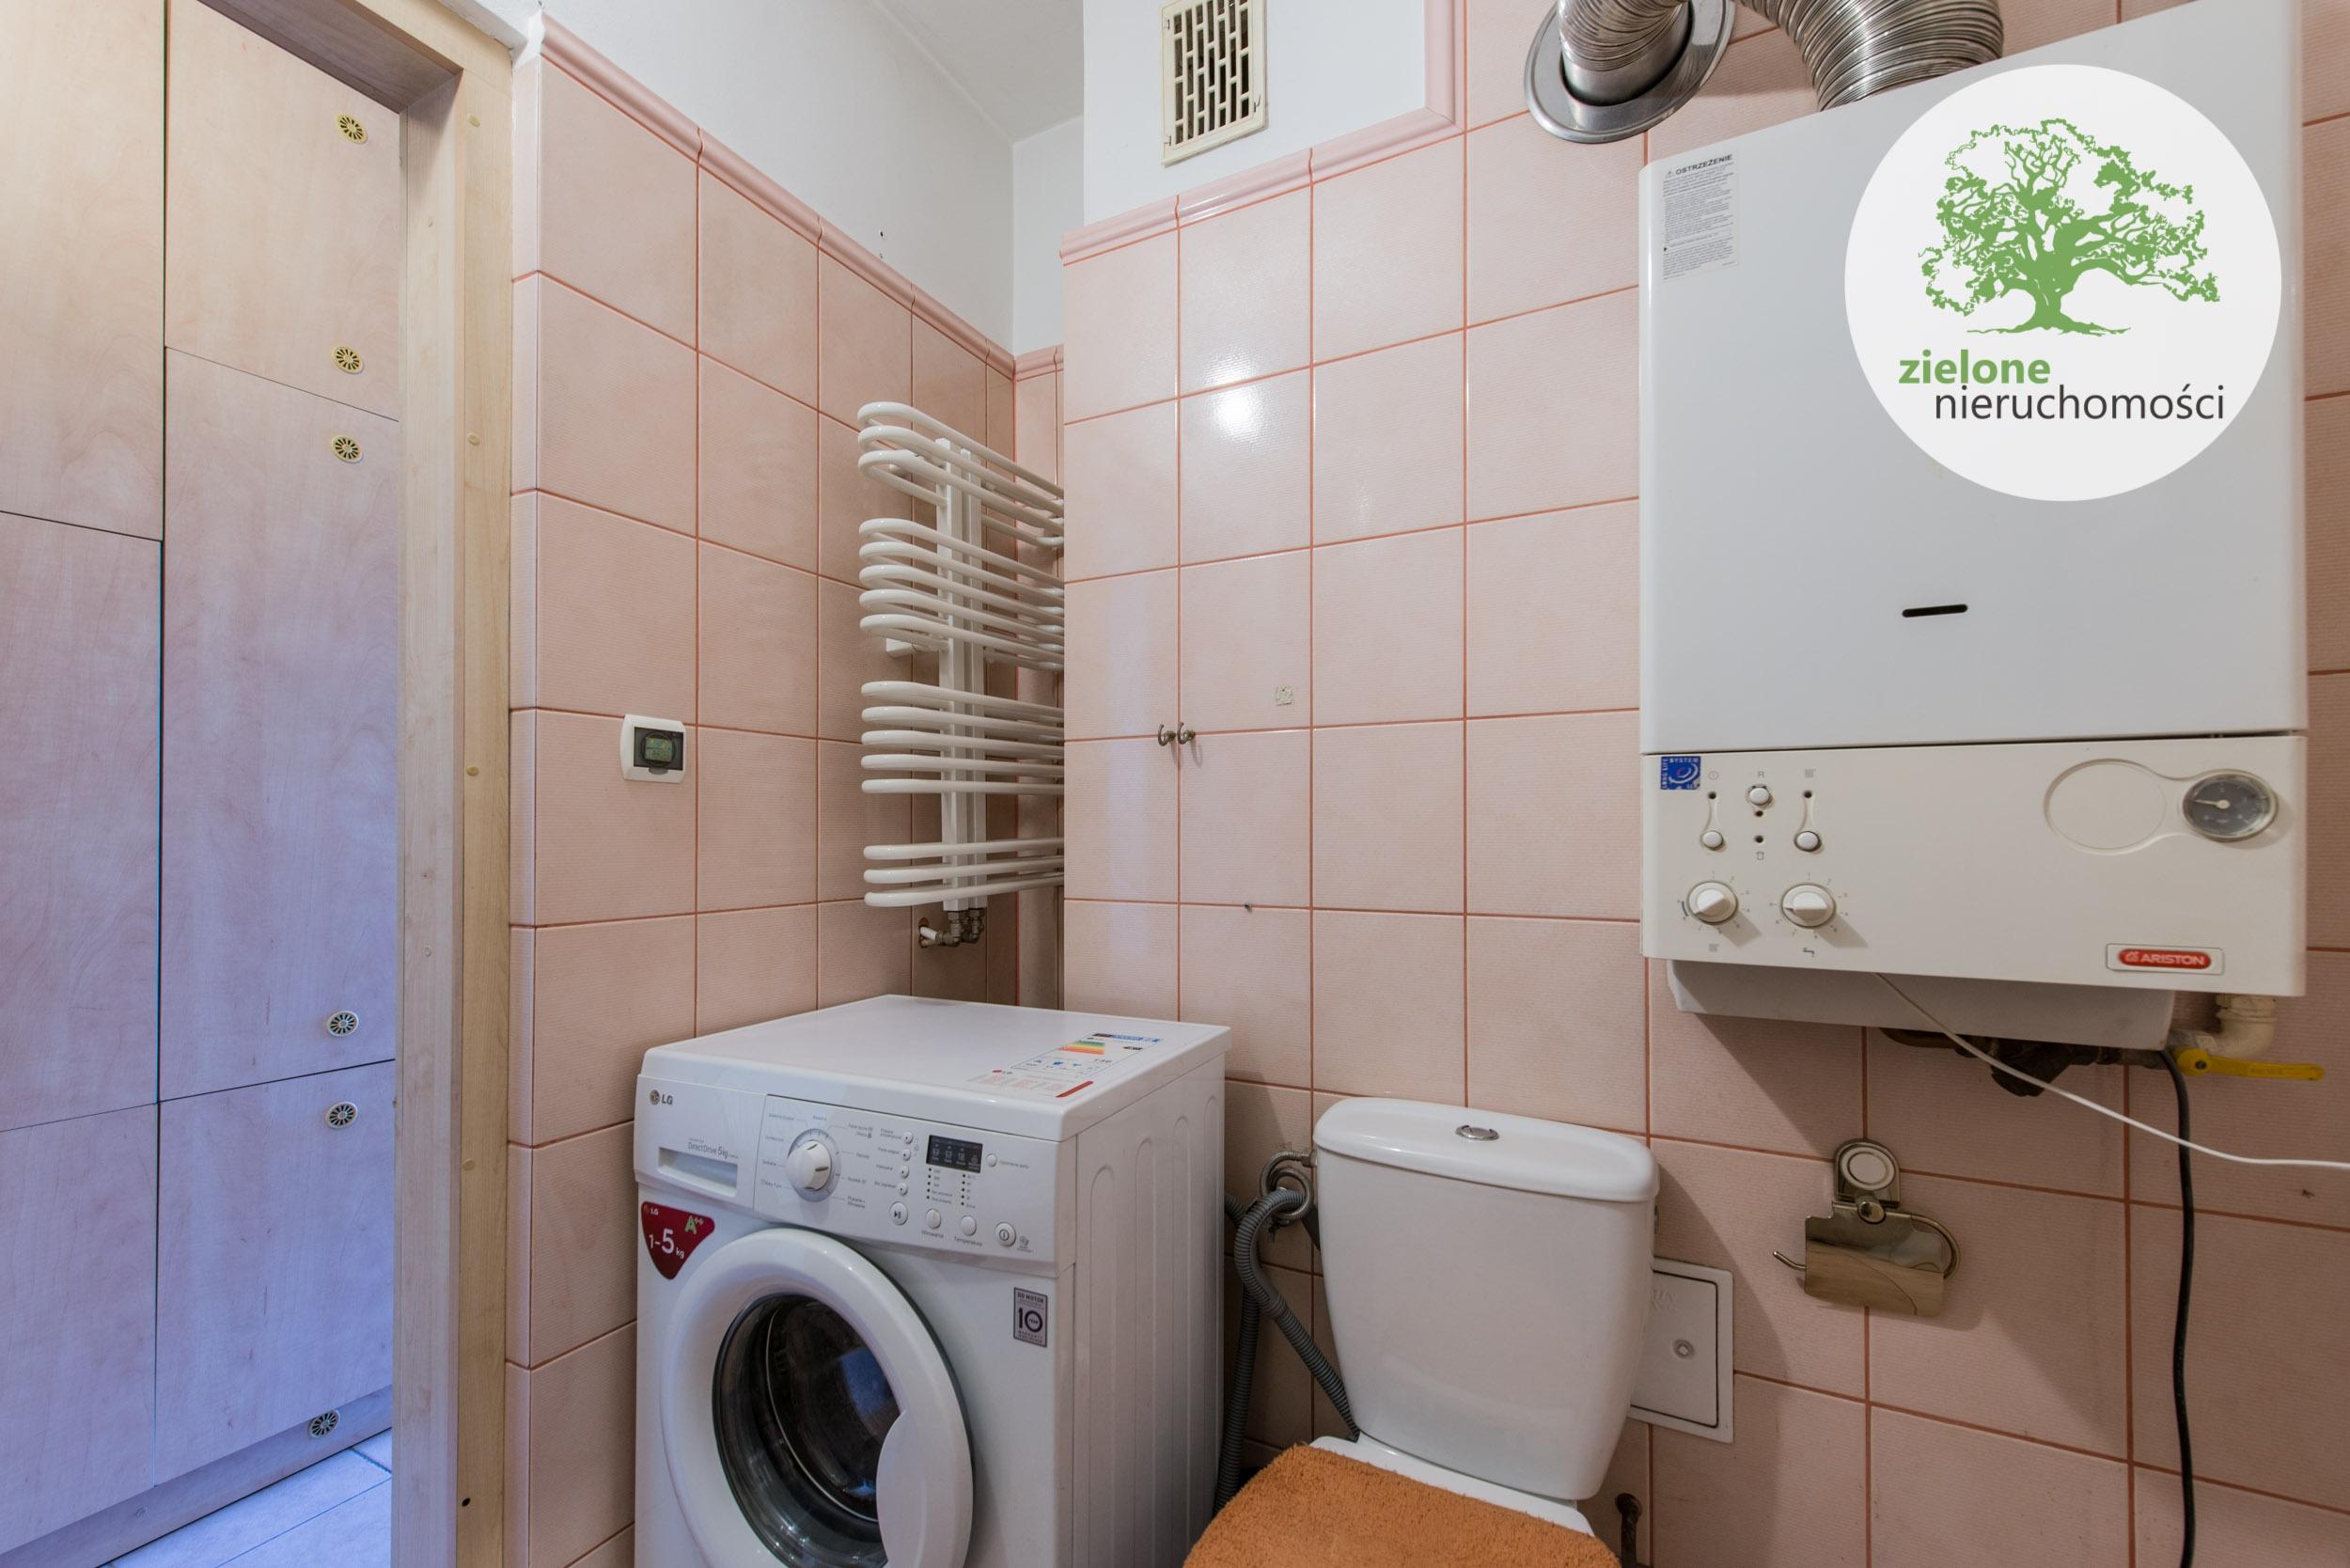 Zdjęcie 15Dwupokojowe mieszkanie na wynajem w zabudowie szeregowej